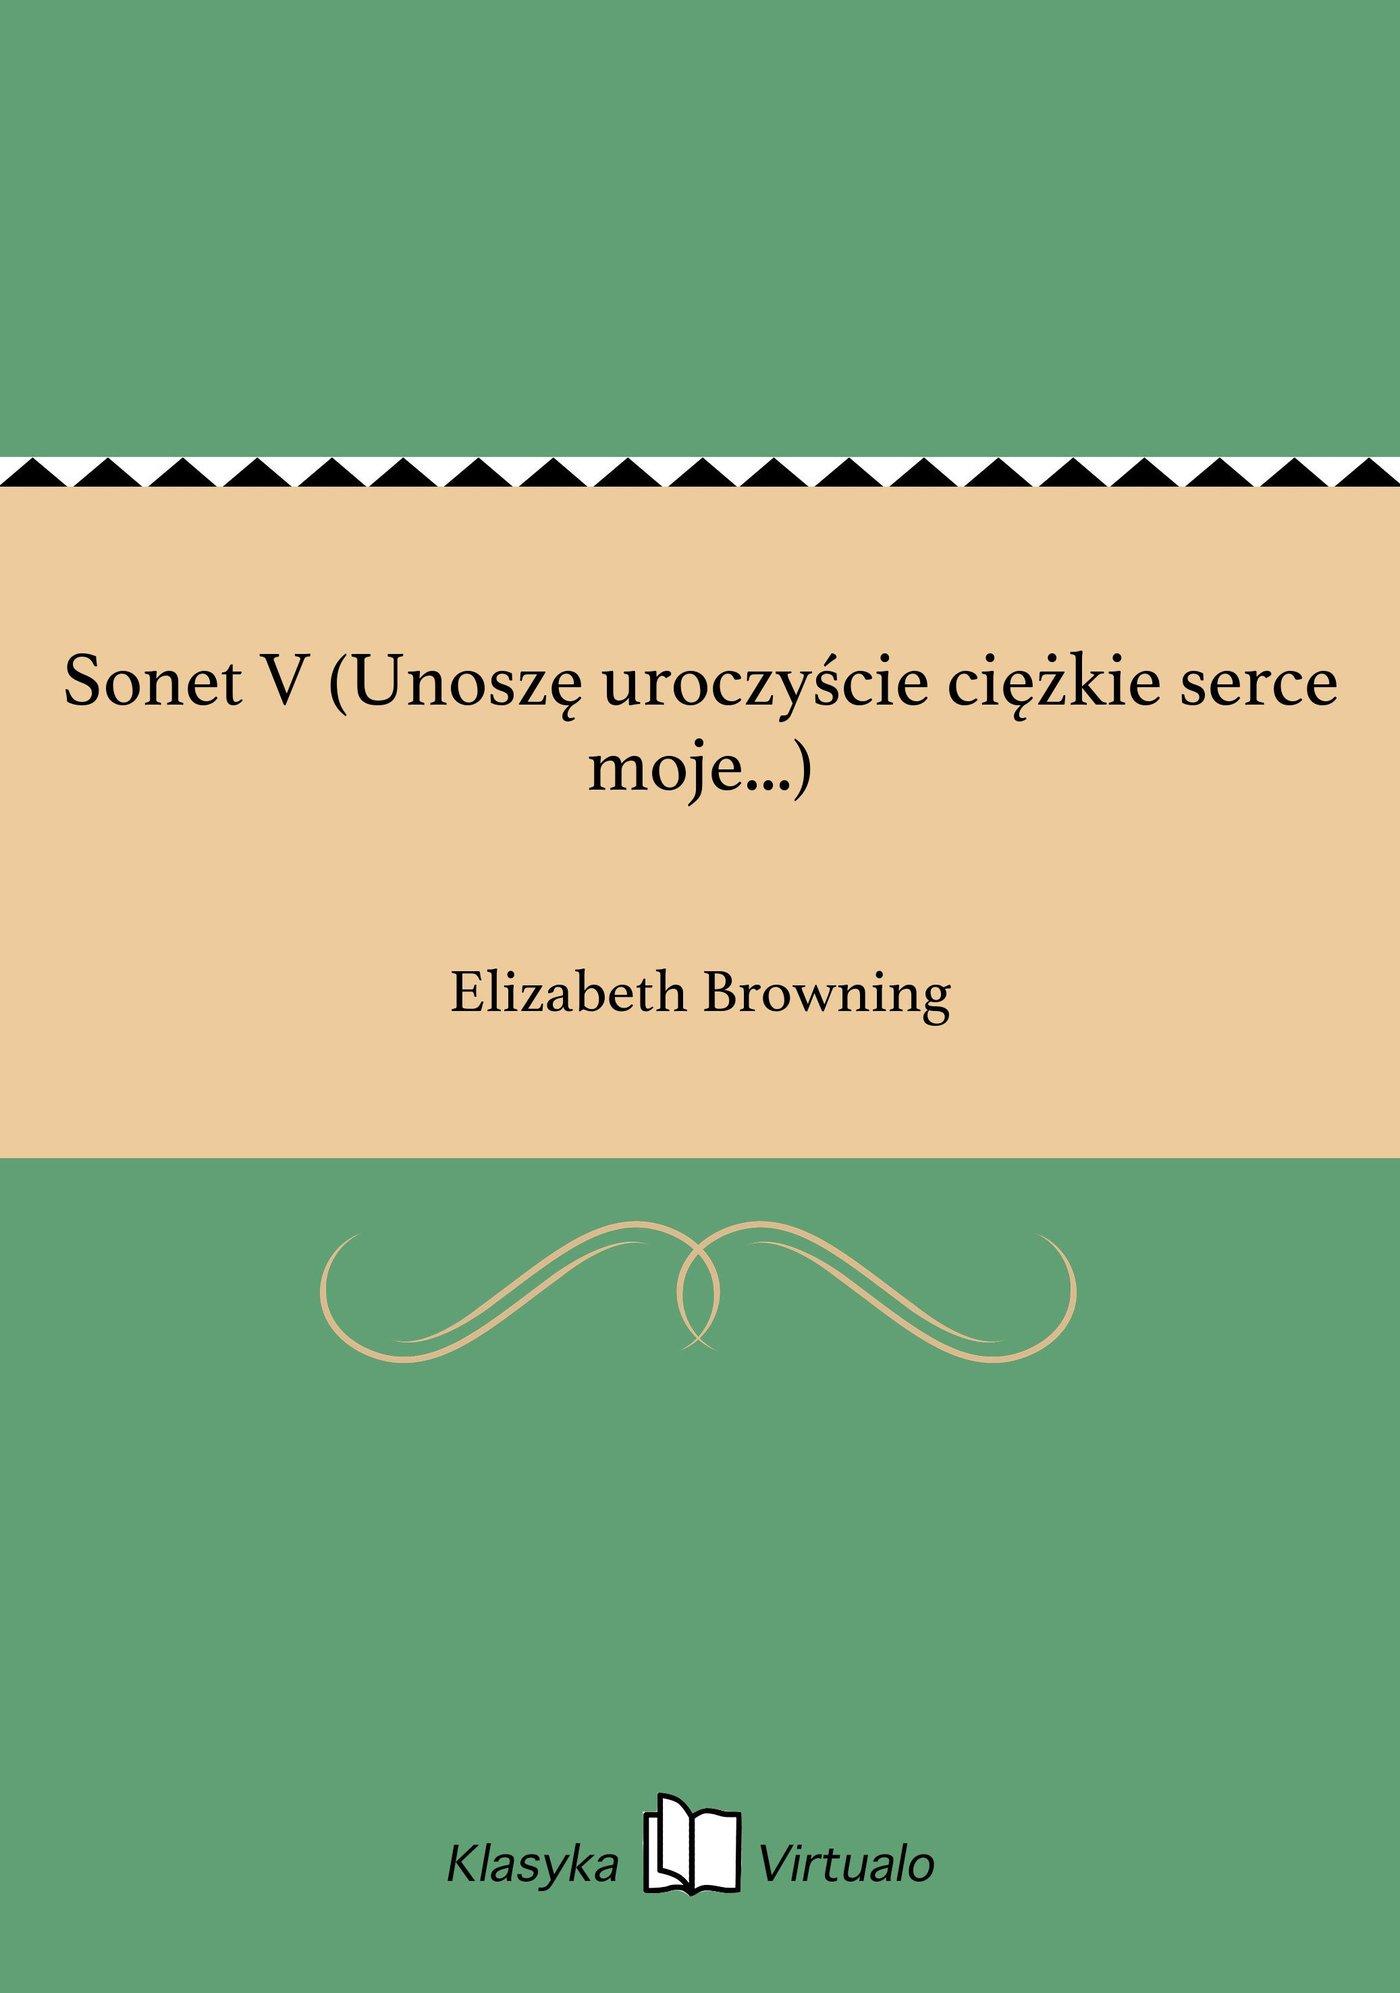 Sonet V (Unoszę uroczyście ciężkie serce moje...) - Ebook (Książka EPUB) do pobrania w formacie EPUB